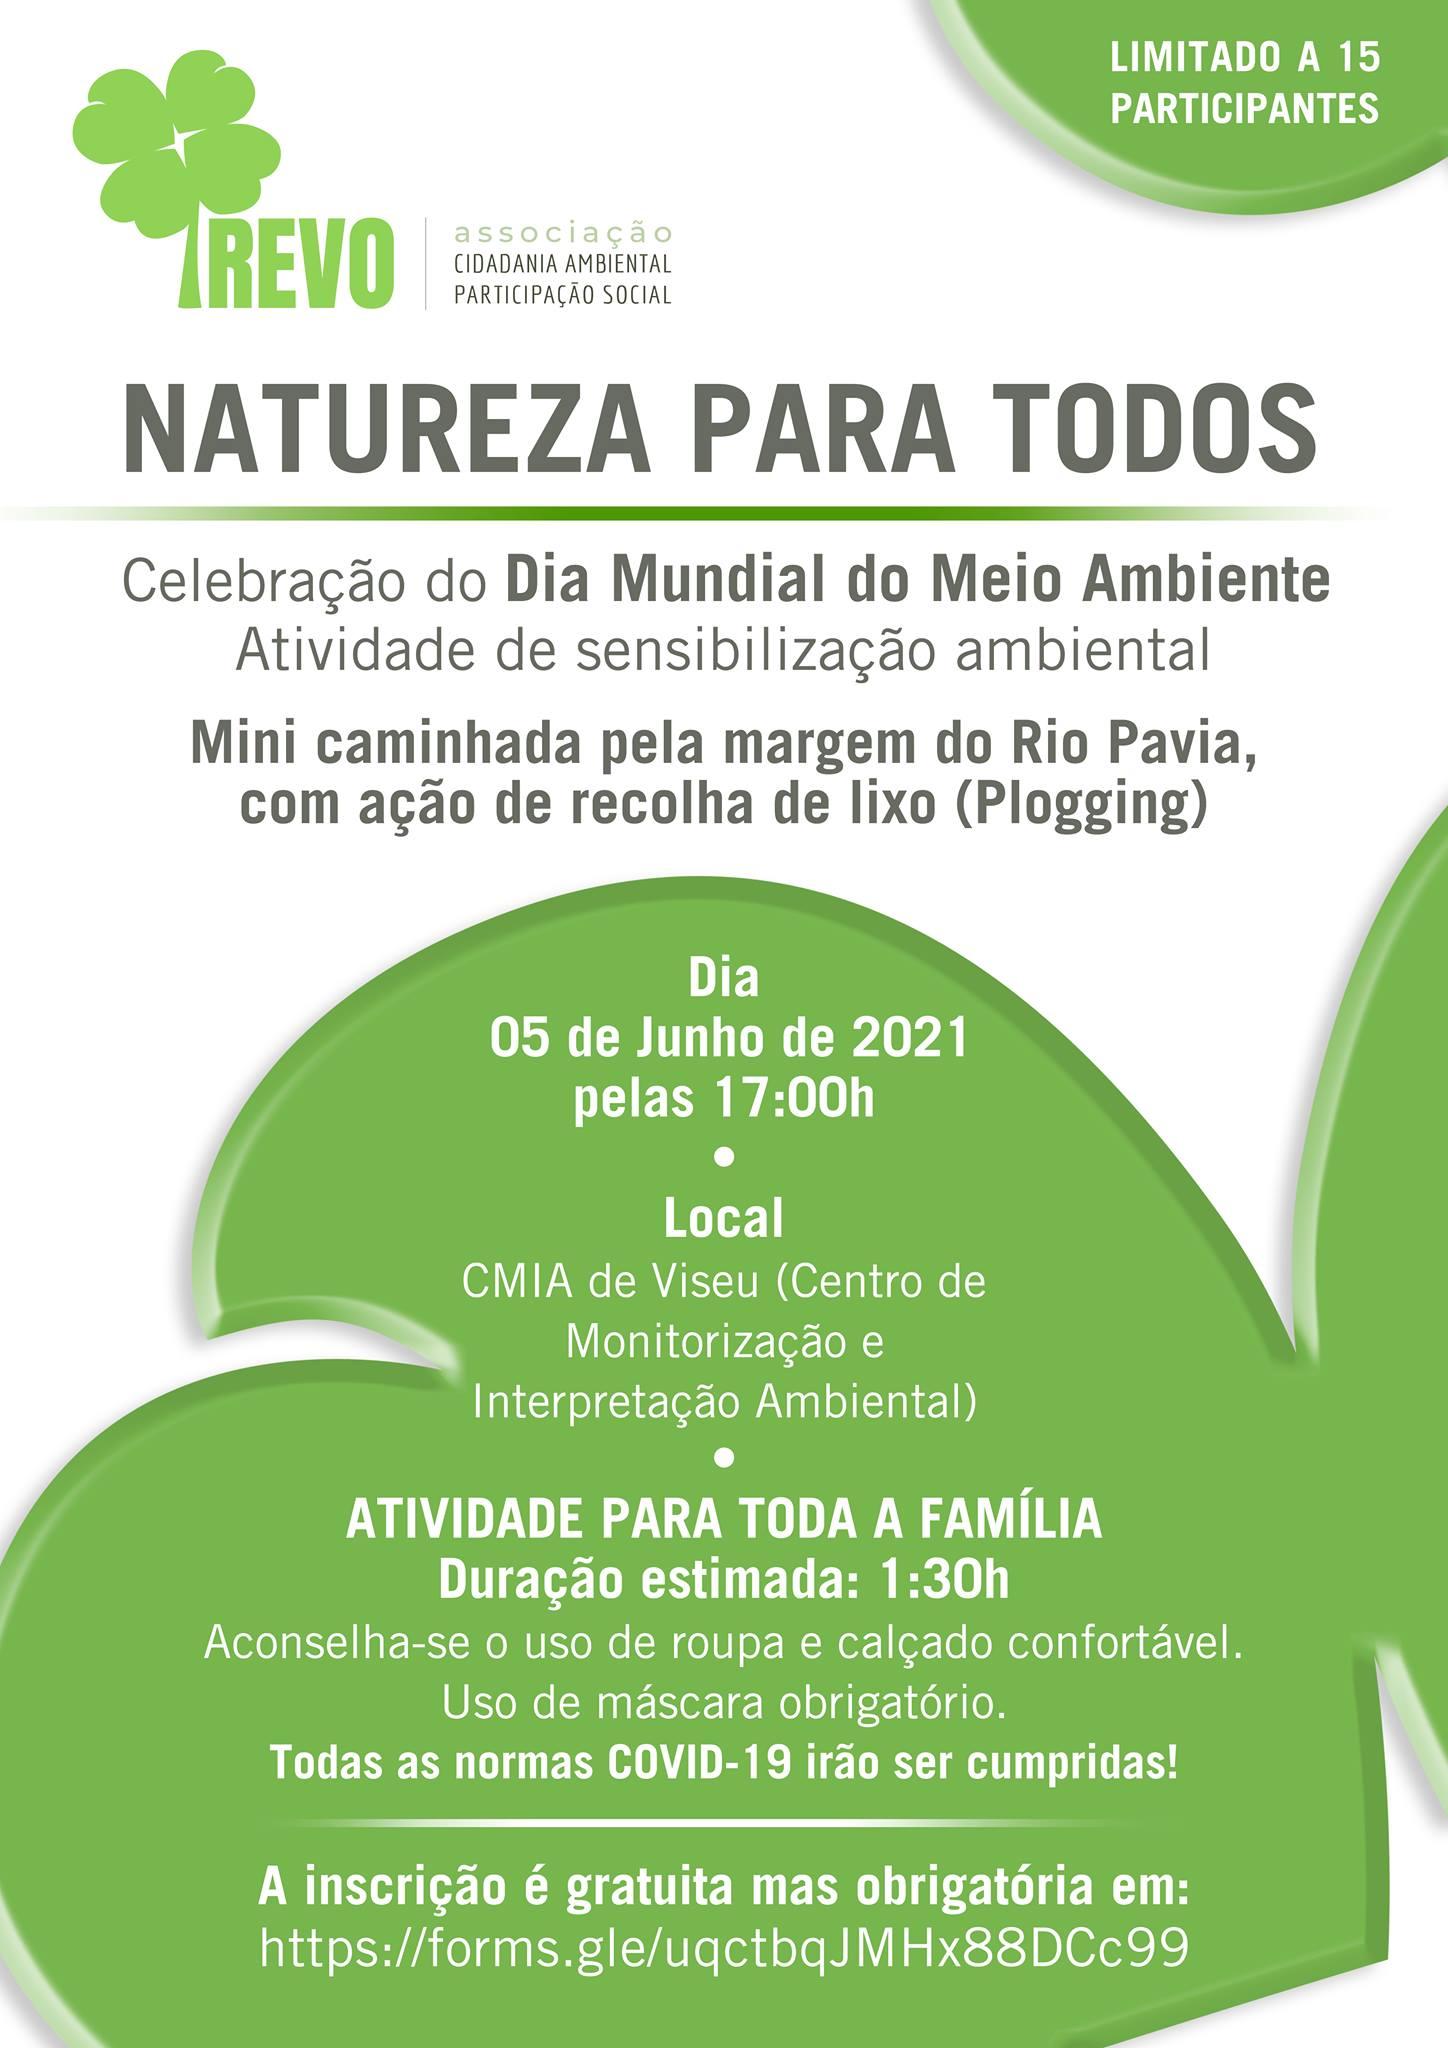 Associação Trevo comemora o Dia Mundial do Meio Ambiente com recolha de lixo no Rio Pavia